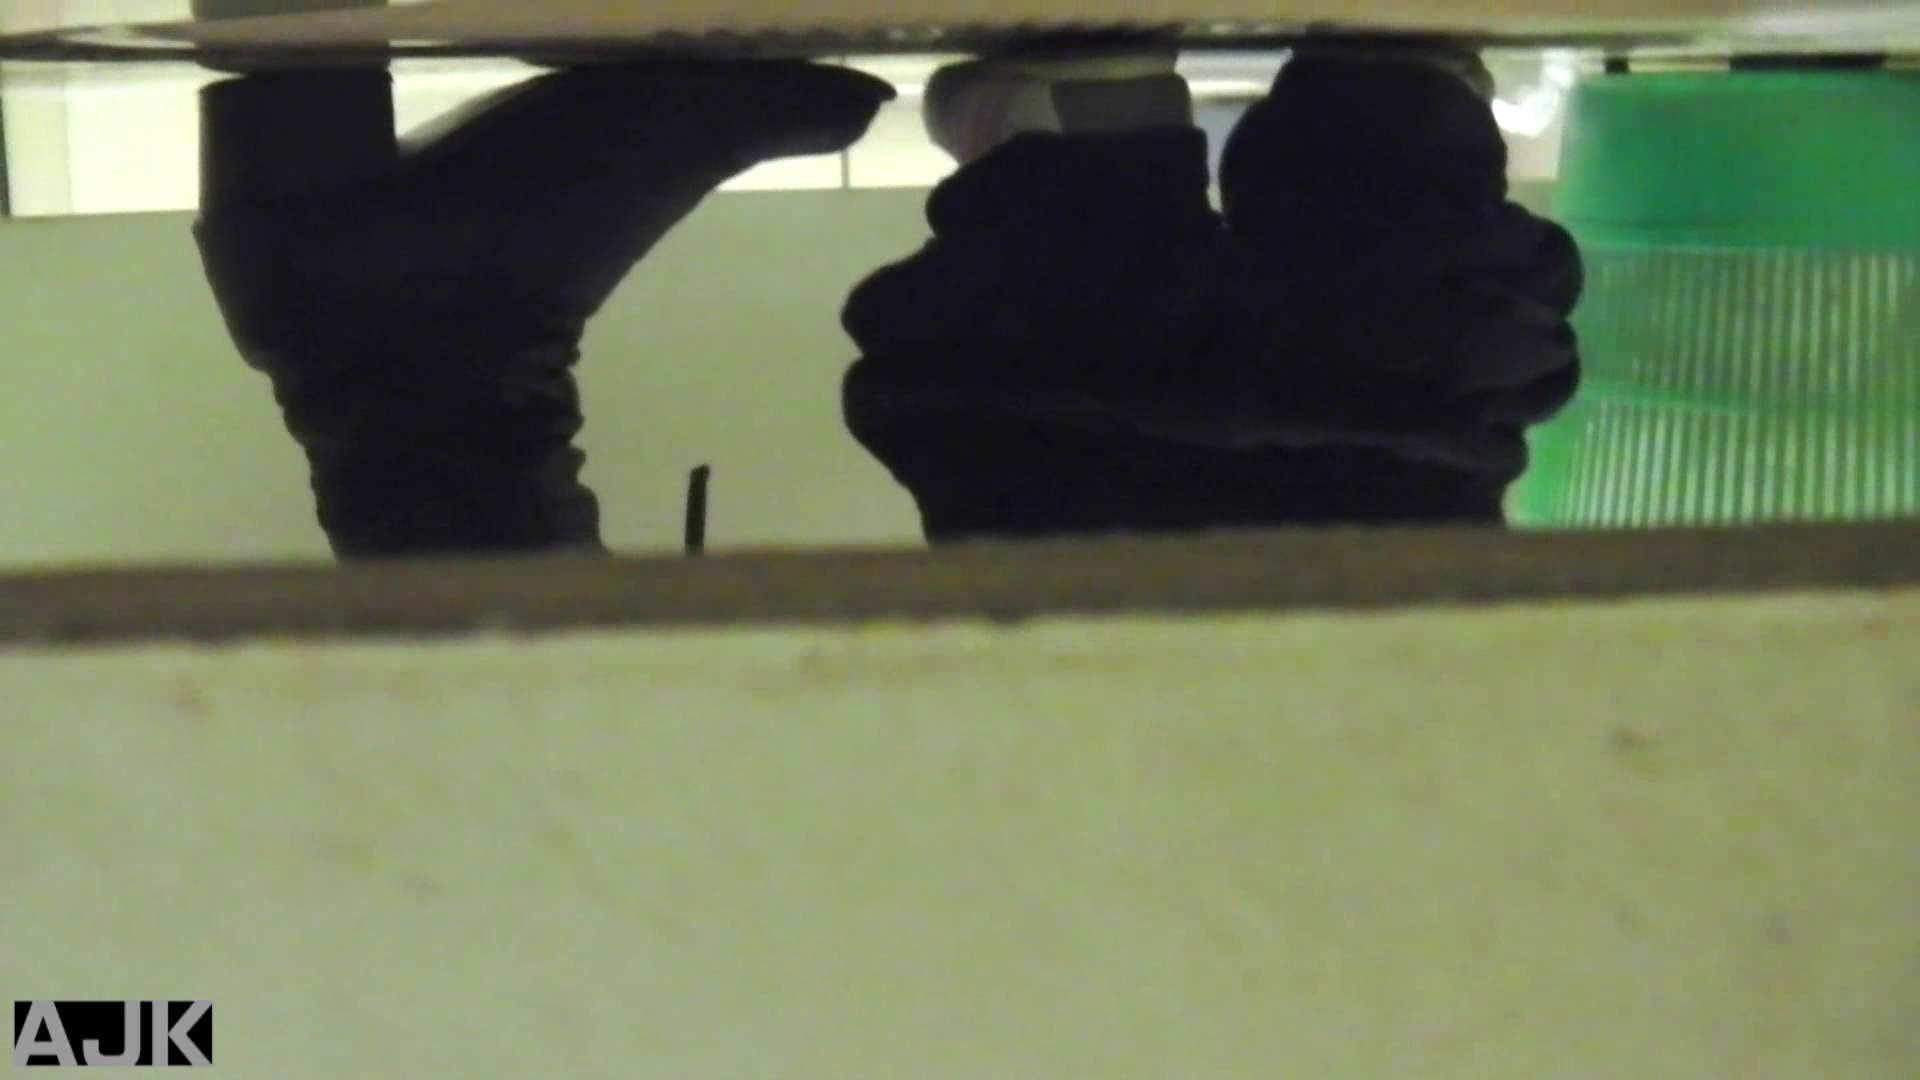 隣国上階級エリアの令嬢たちが集うデパートお手洗い Vol.17 お手洗い | OL  102連発 37